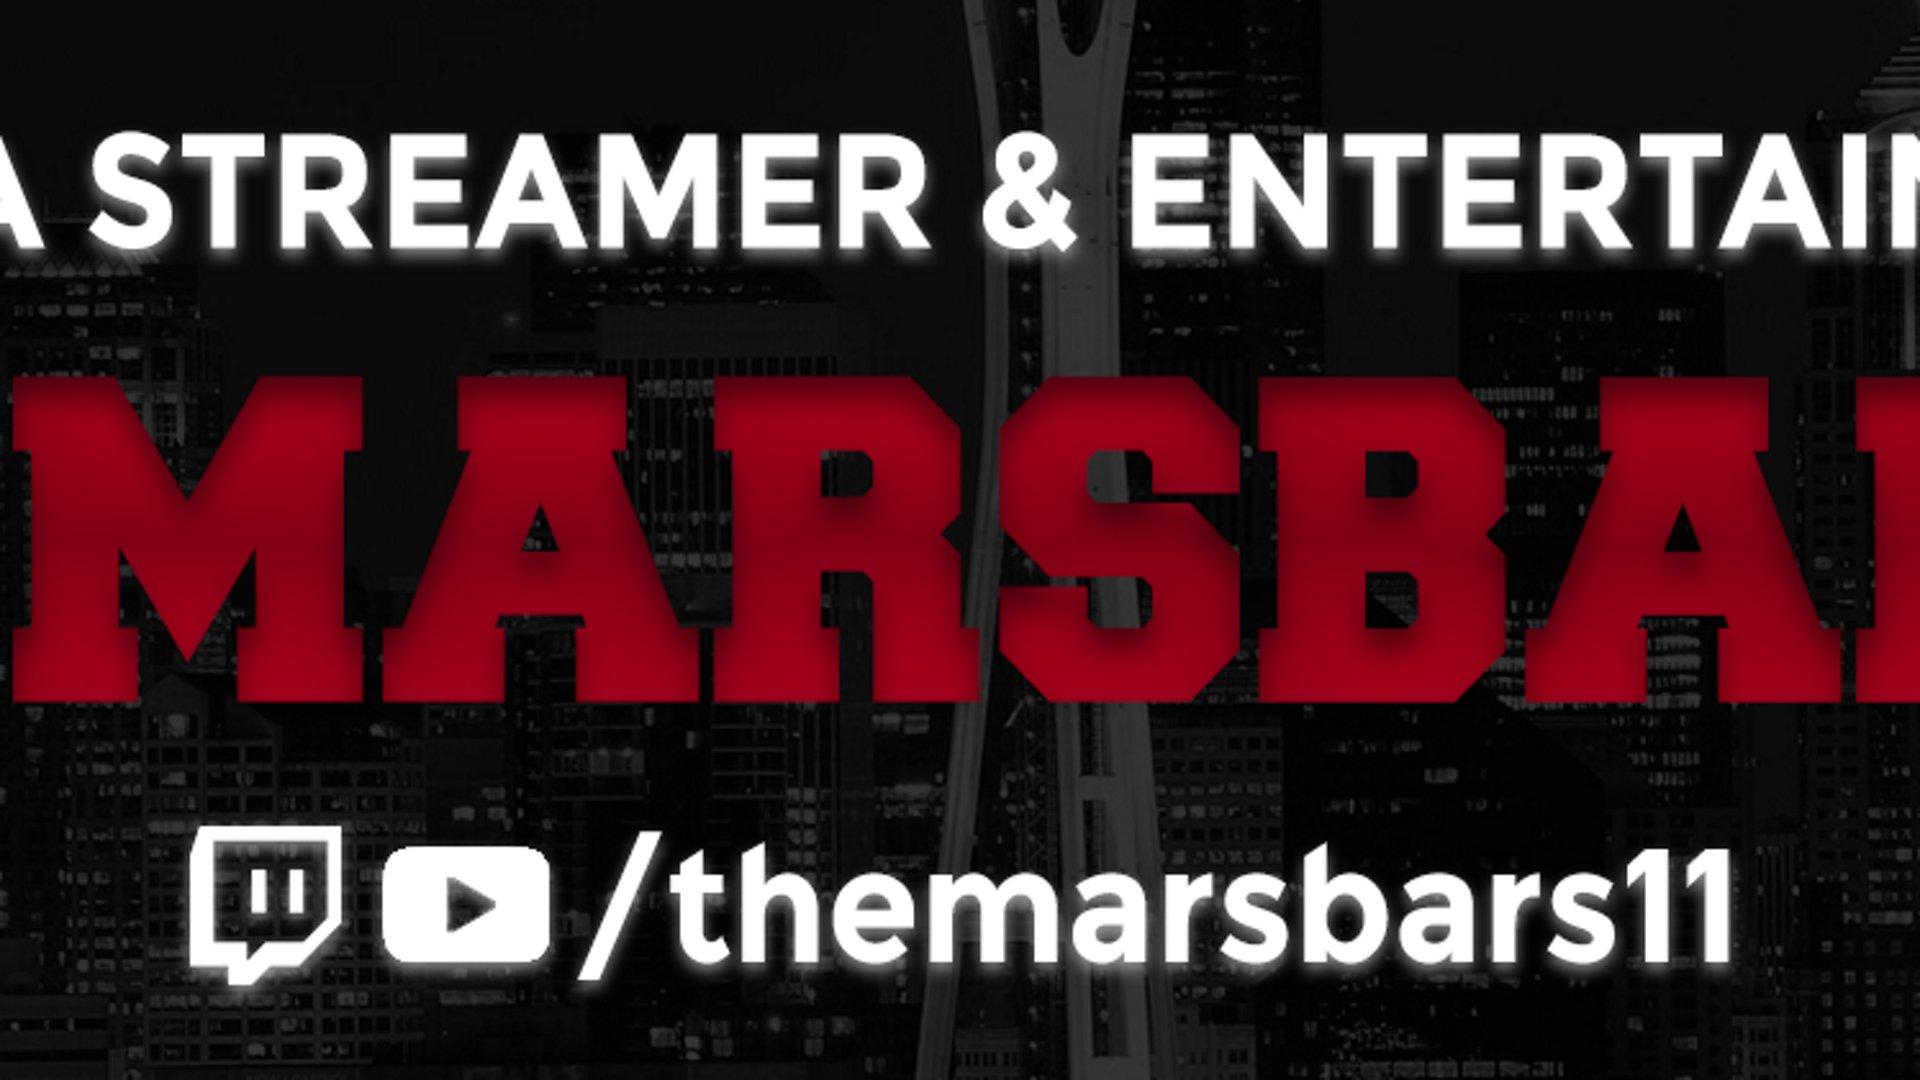 themarsbars11